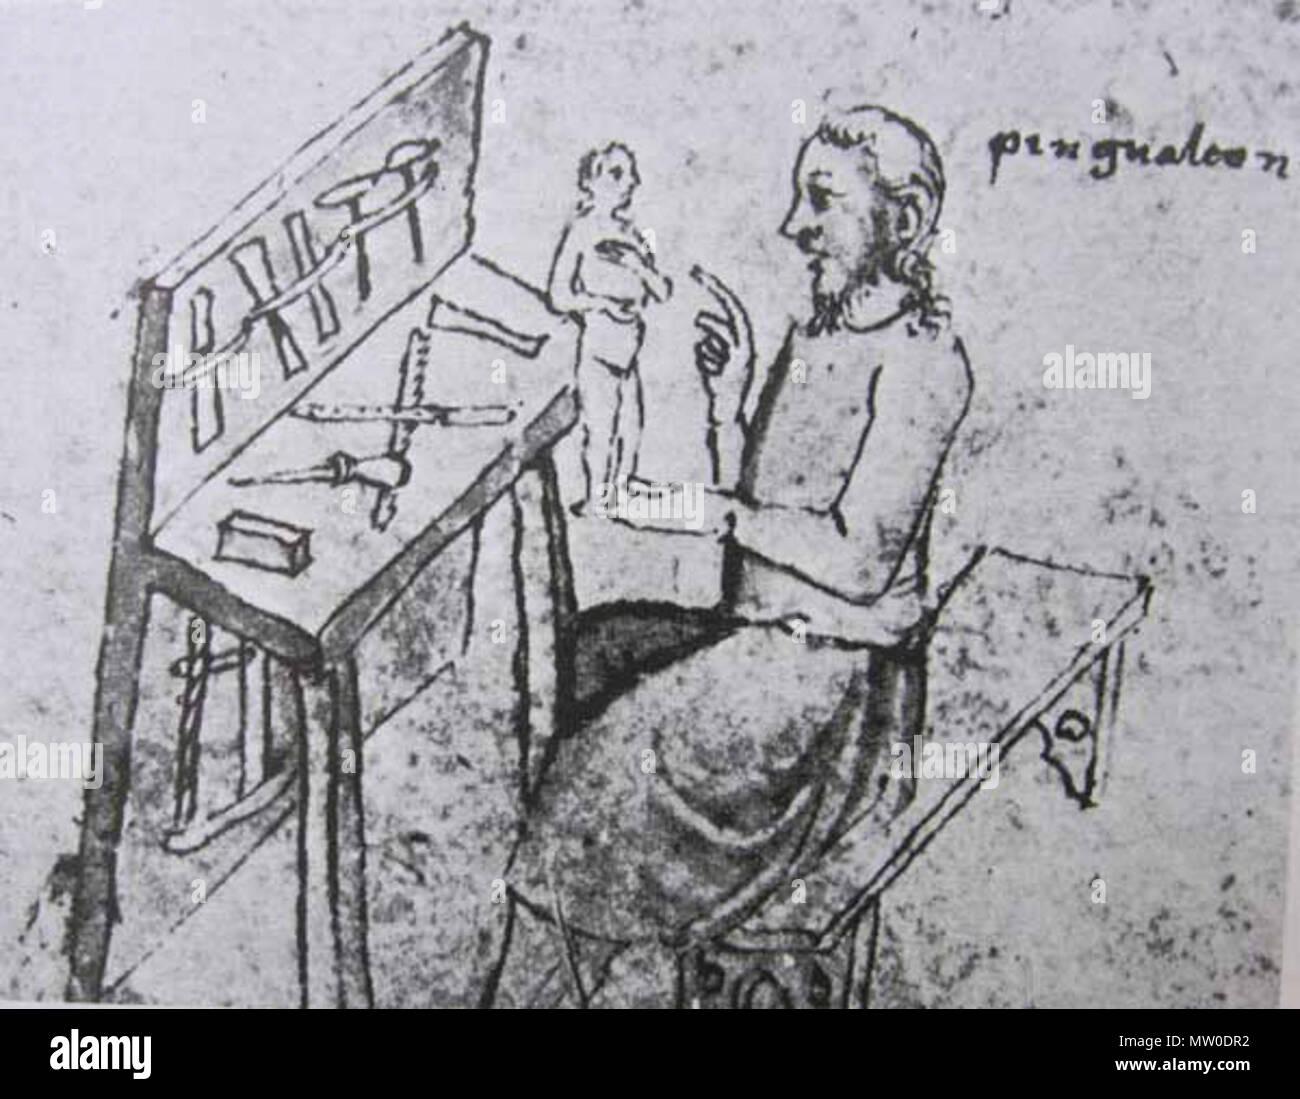 484 Pigmalión (escultor en madera) - Stock Image